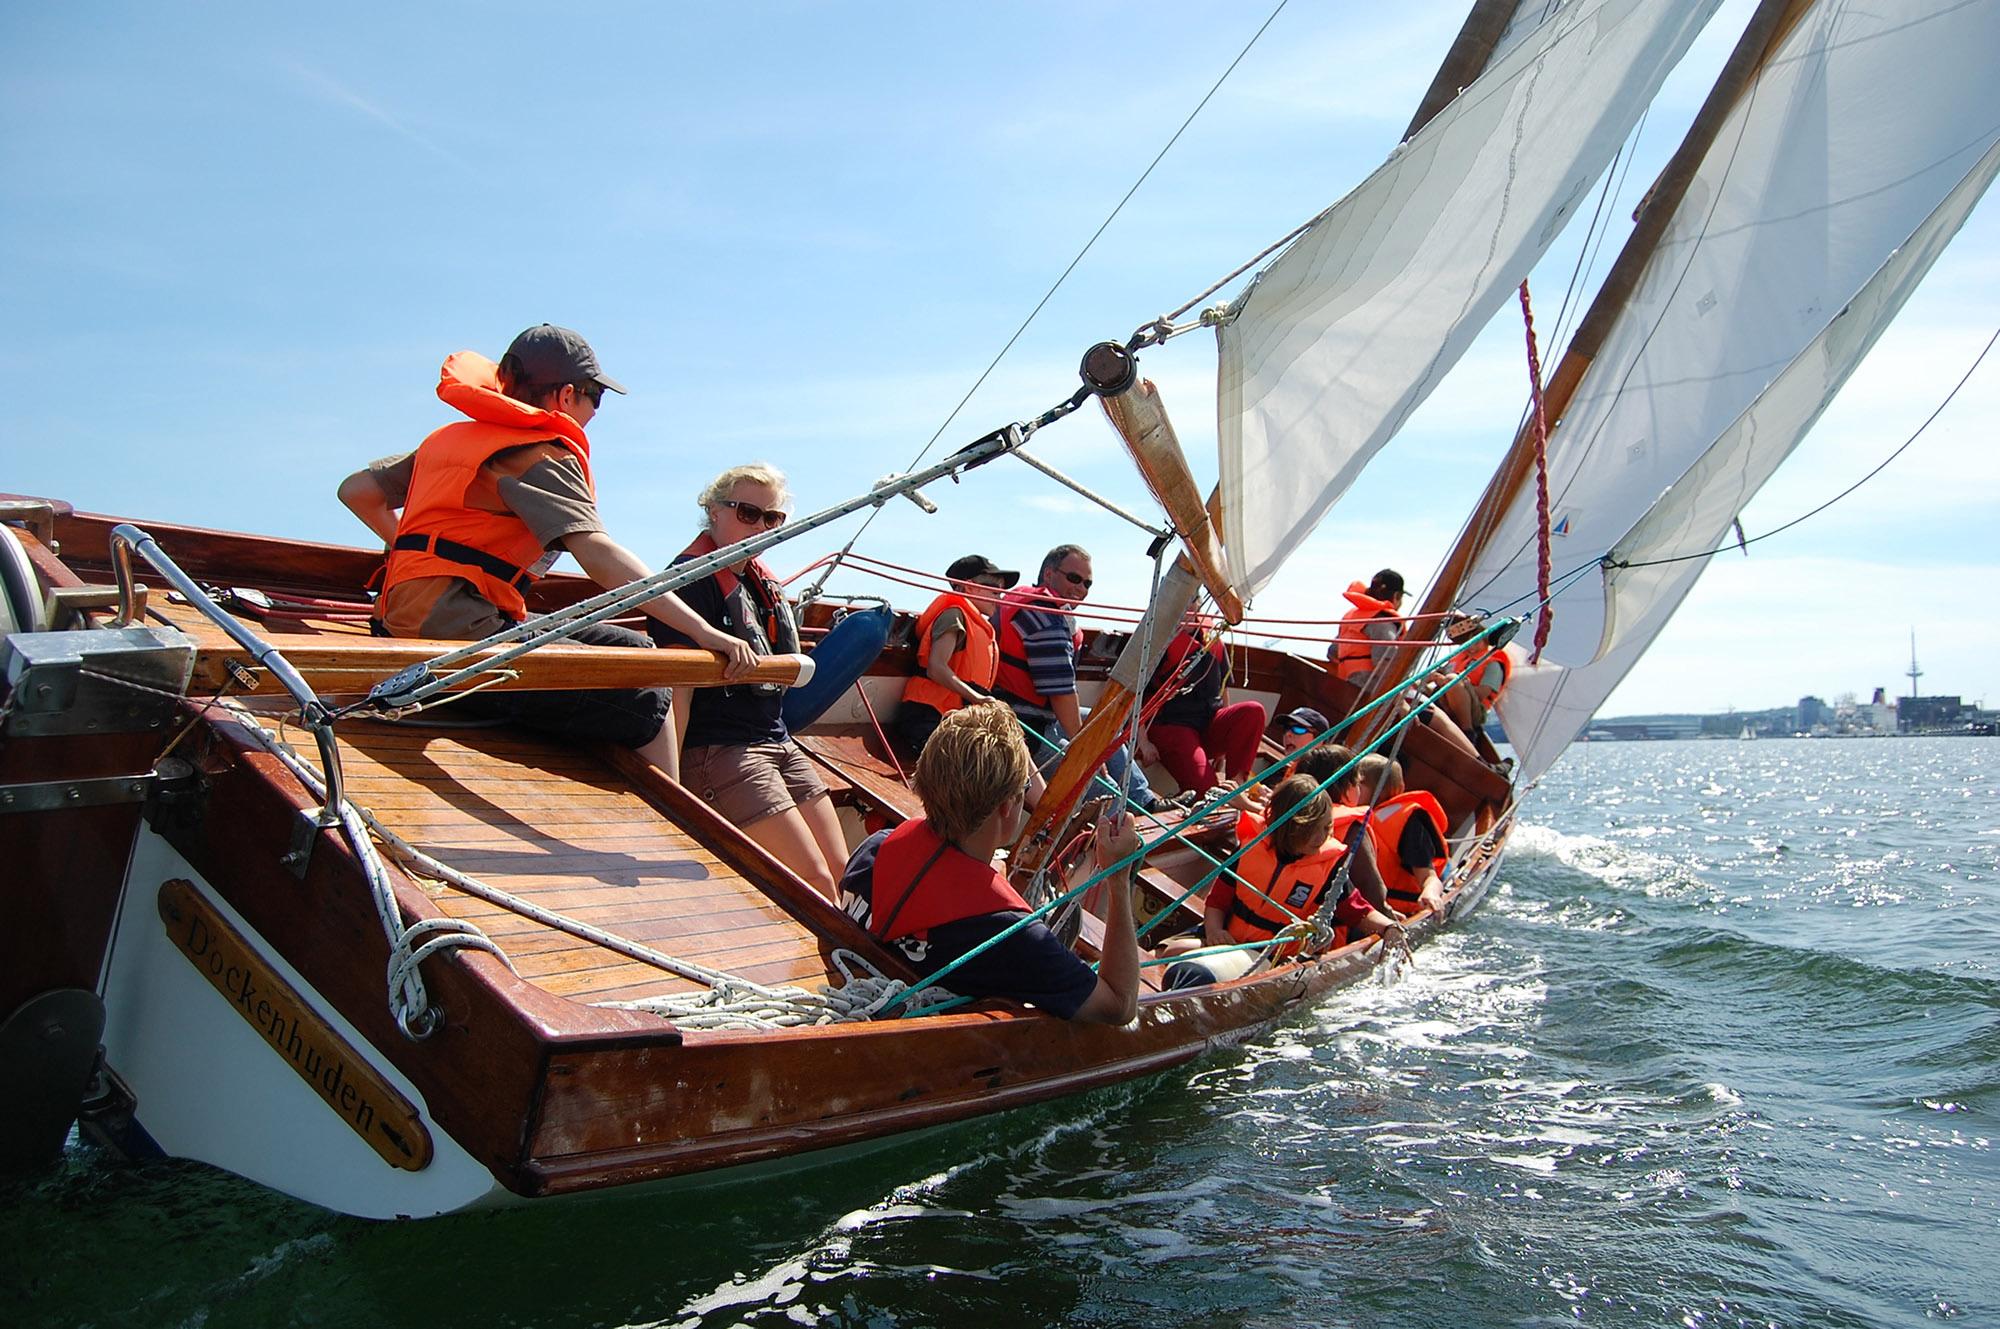 Mit dem Camp 24|sieben über die Kieler Woche segeln